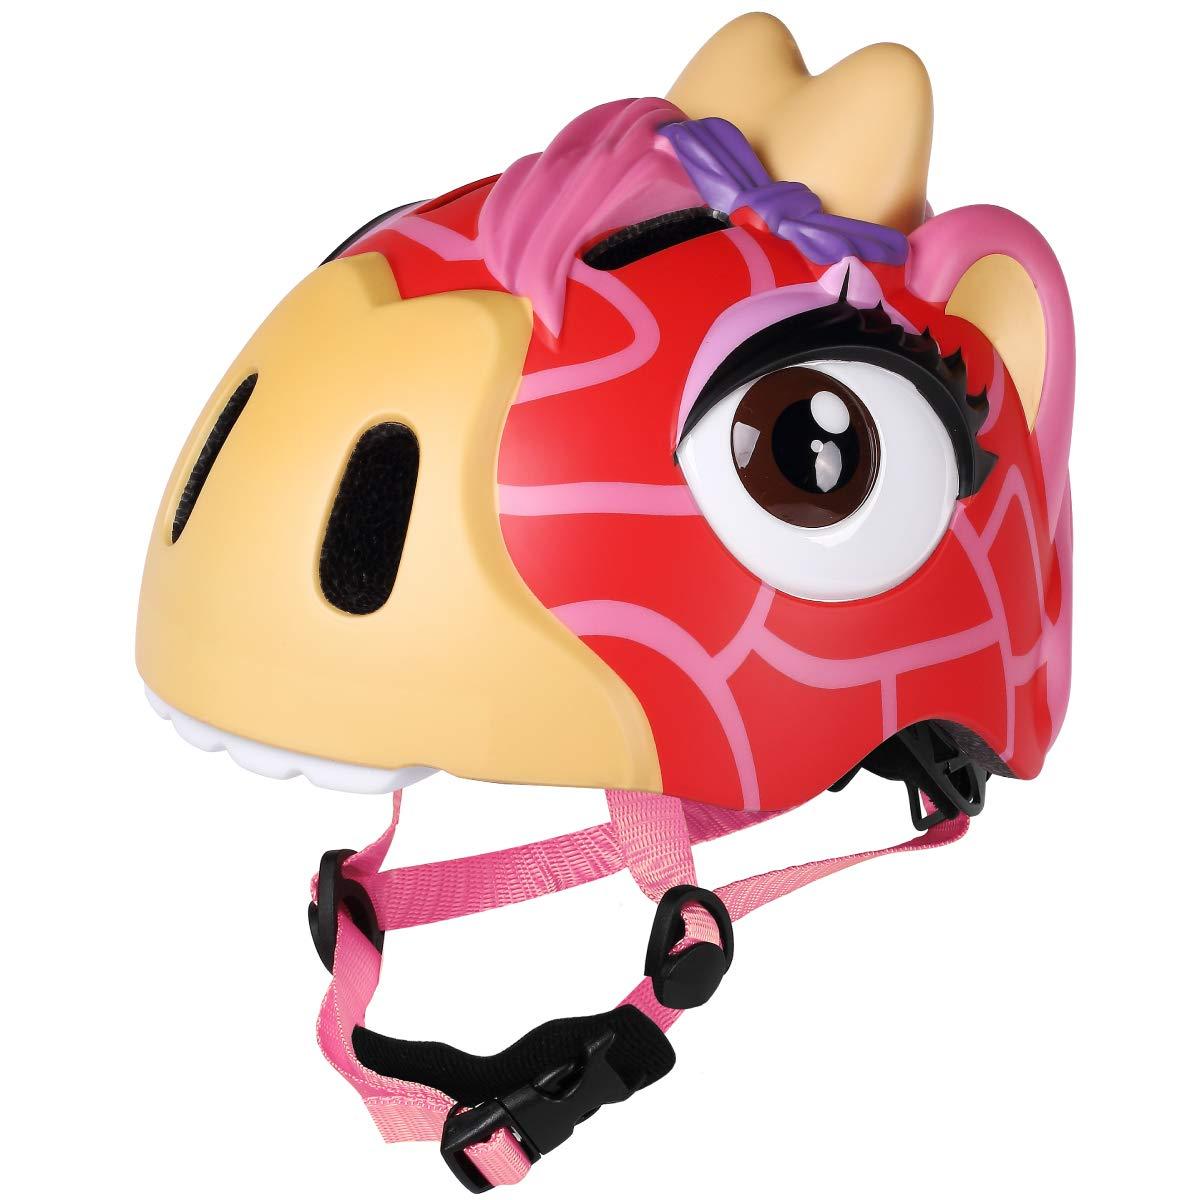 M Merkapa Kids Bike Helmet Adjustable 3D Shark Bicycle Helmets for Toddler and Youth (Deerlet)